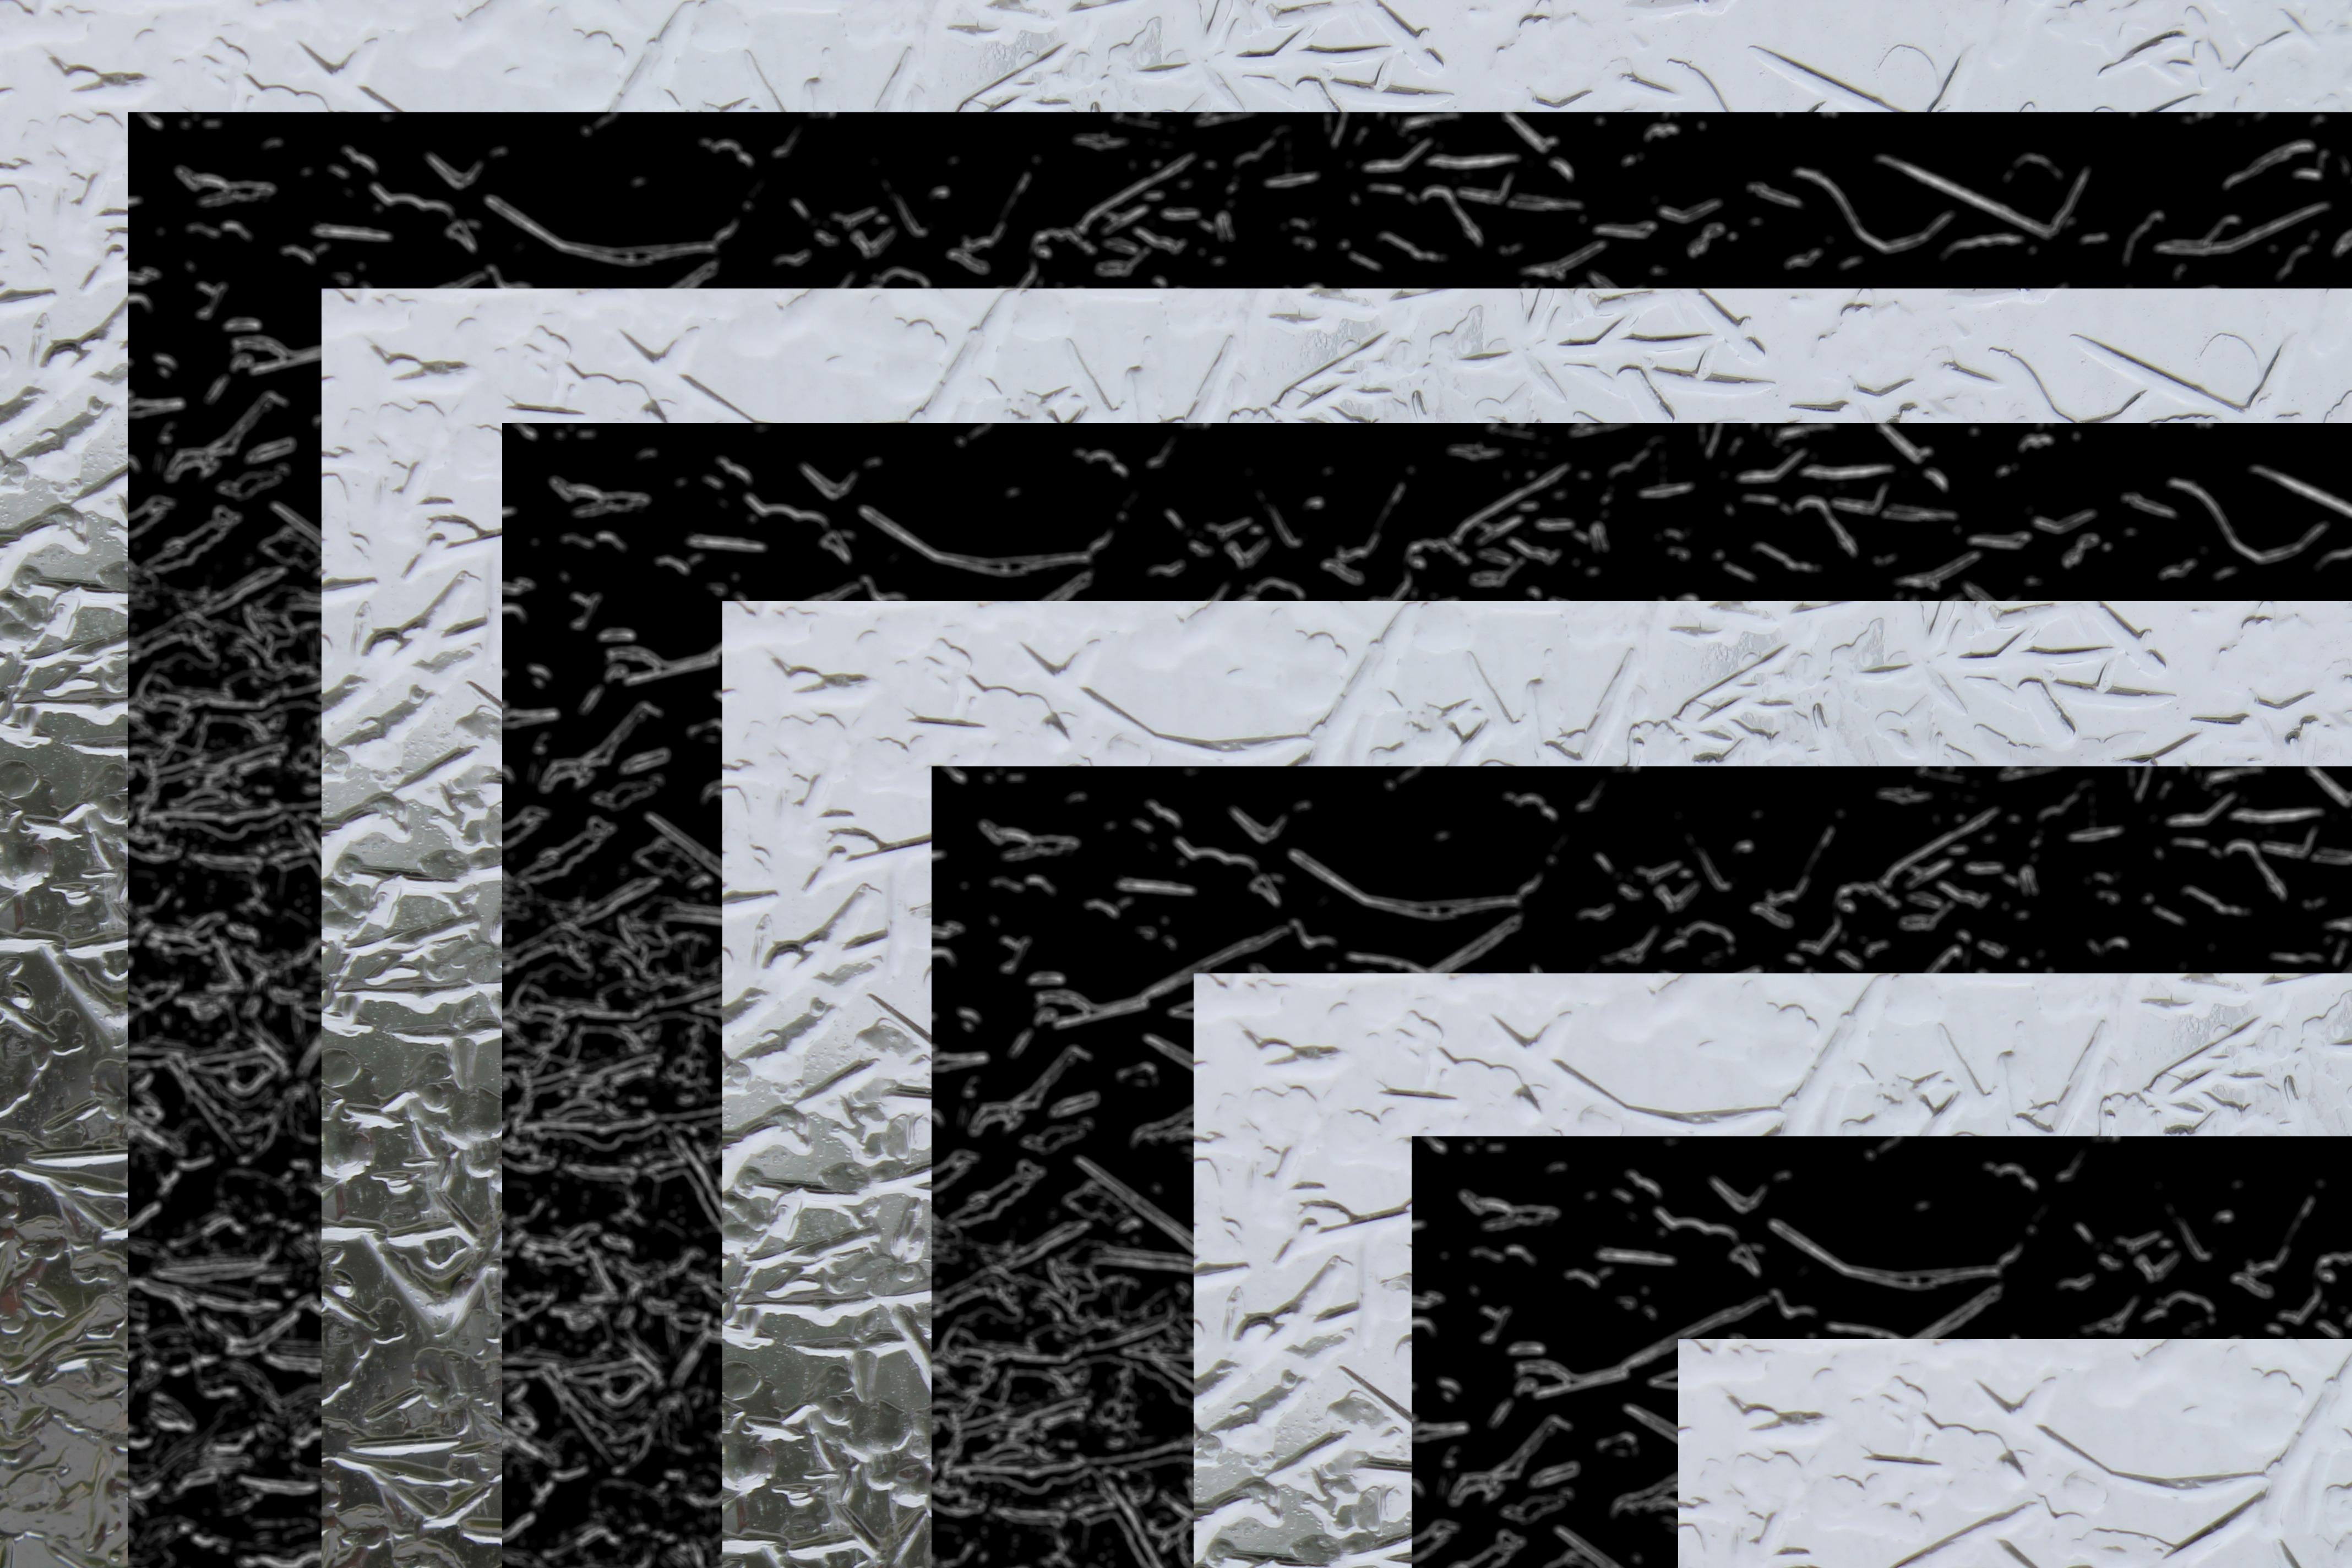 Gambar Hitam Dan Putih Jumlah Simetris Es Pola Garis Satu